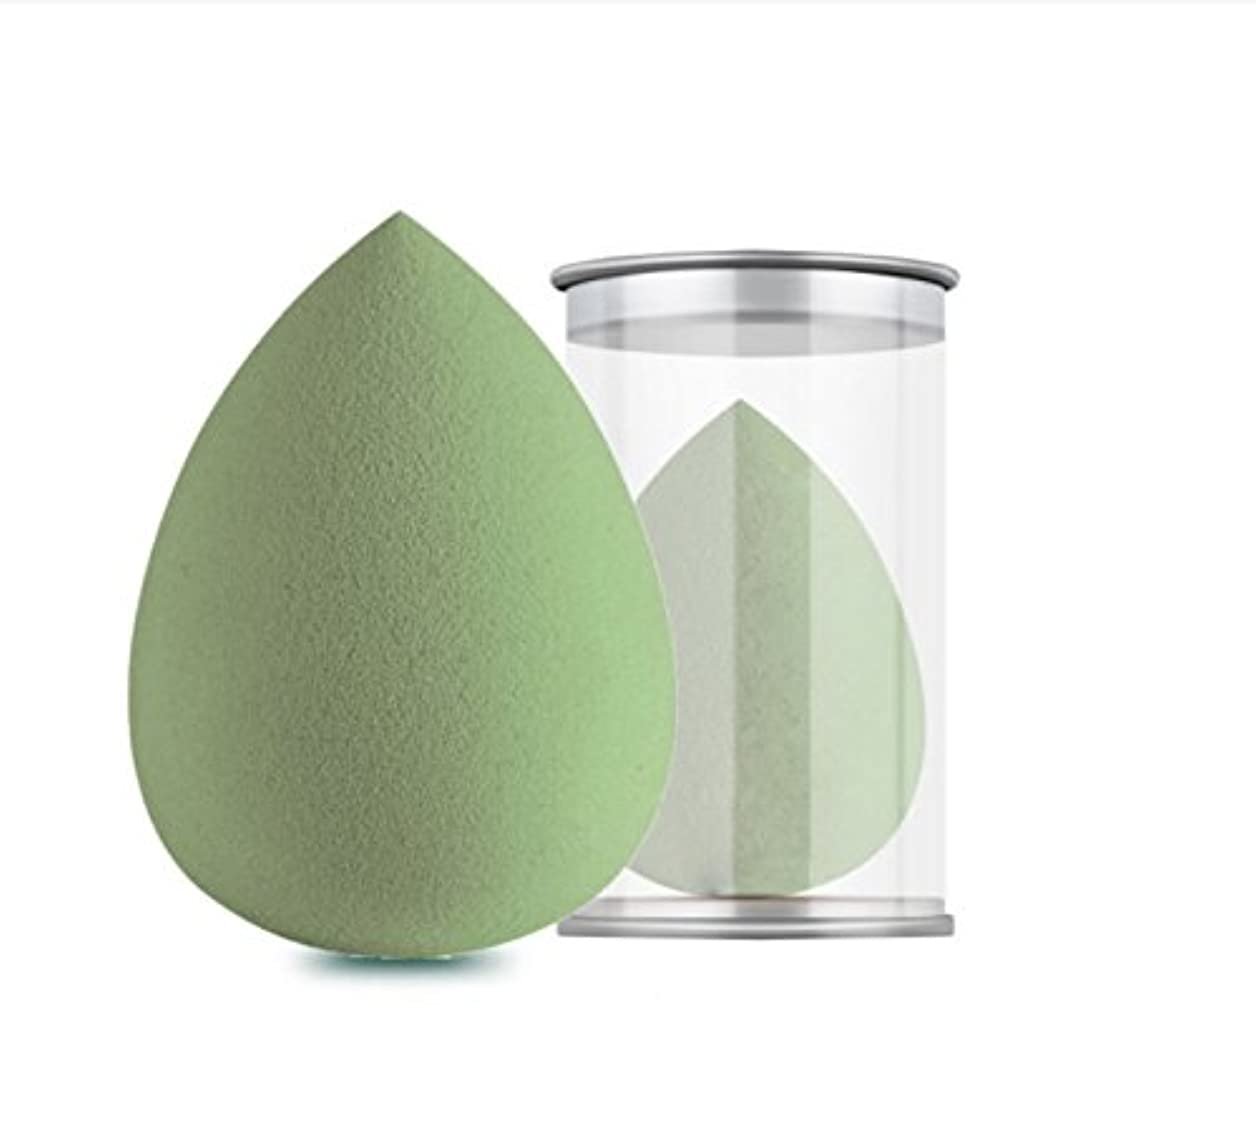 割り込み是正する代わってKinoneメイクスポンジ 斜めカット?卵型 化粧パフ ボックス付き パフ乾燥用抹茶グリーン ワインレッド (抹茶グリーン)